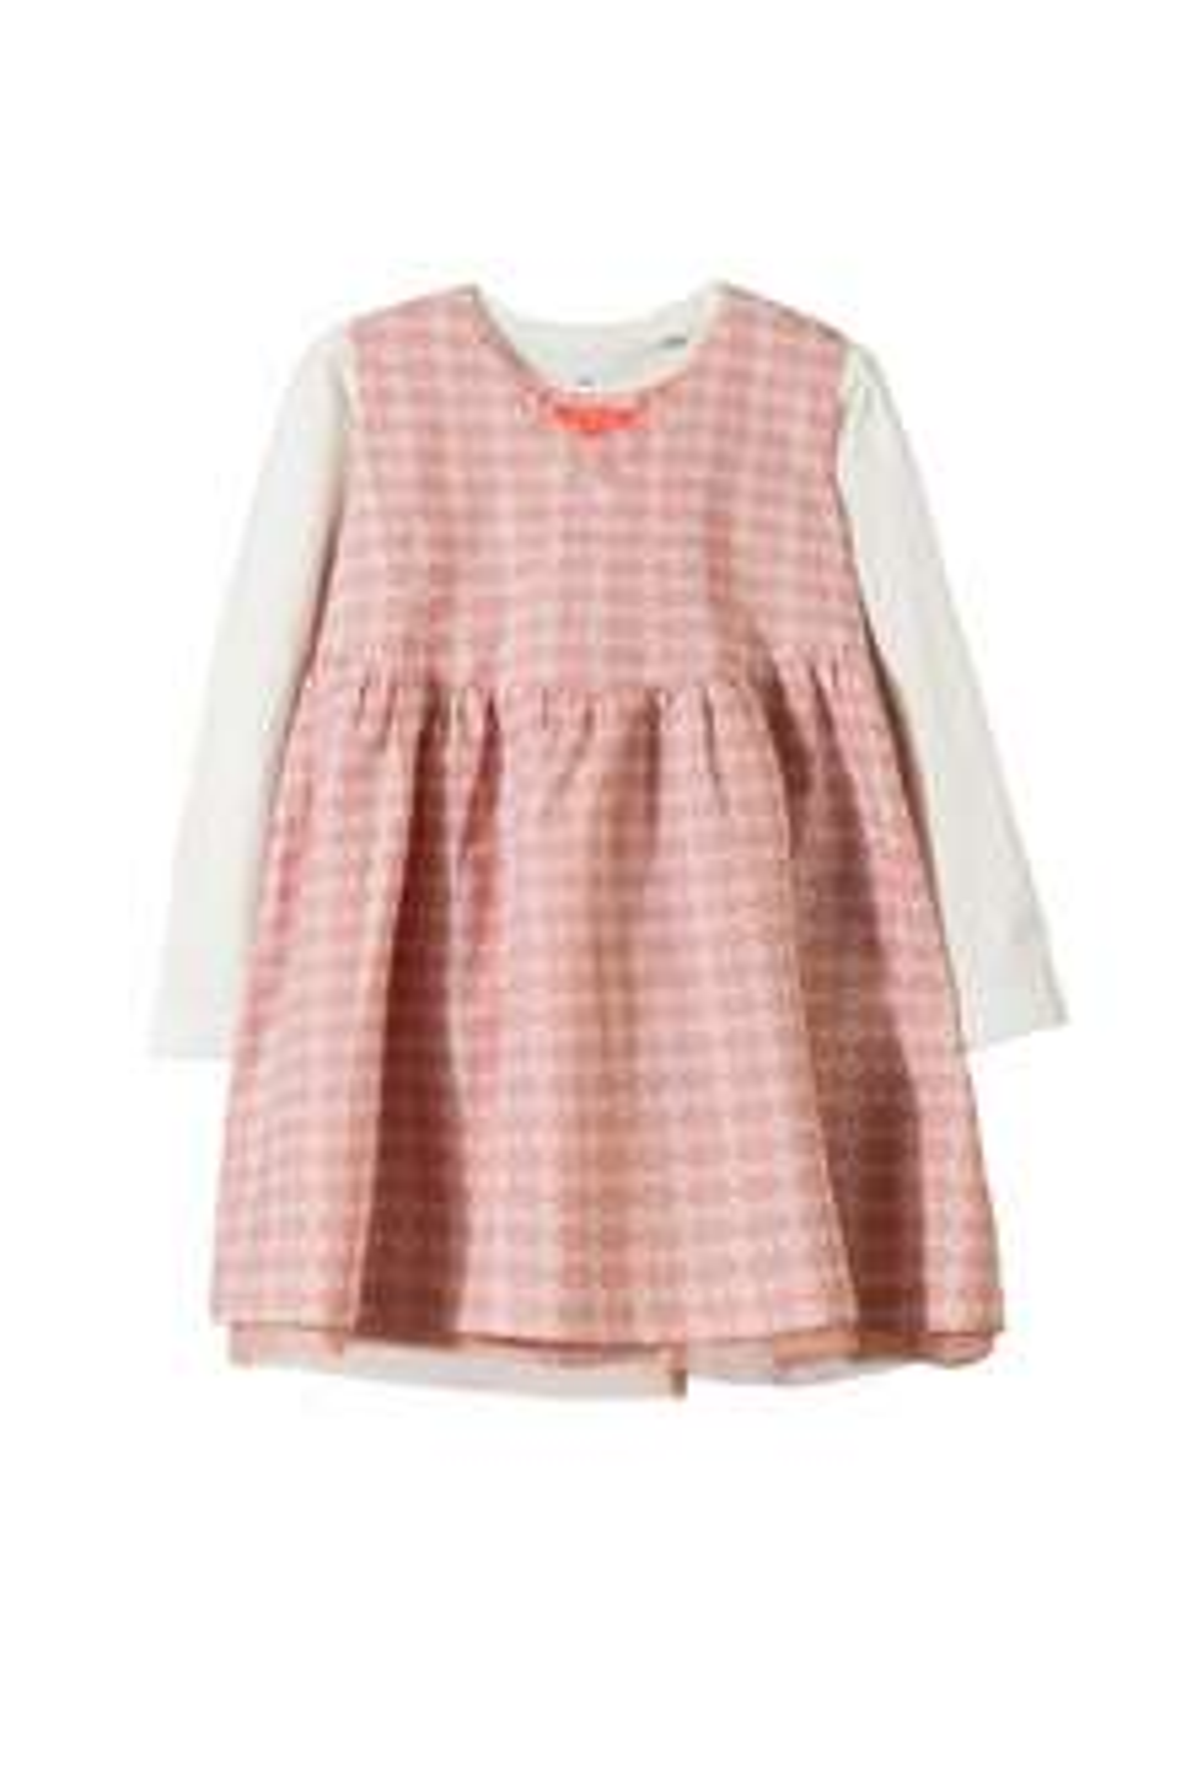 Komplet niemowlęcy - bluzka+sukienka za 17,59zł (52zł taniej) @ 5.10.15